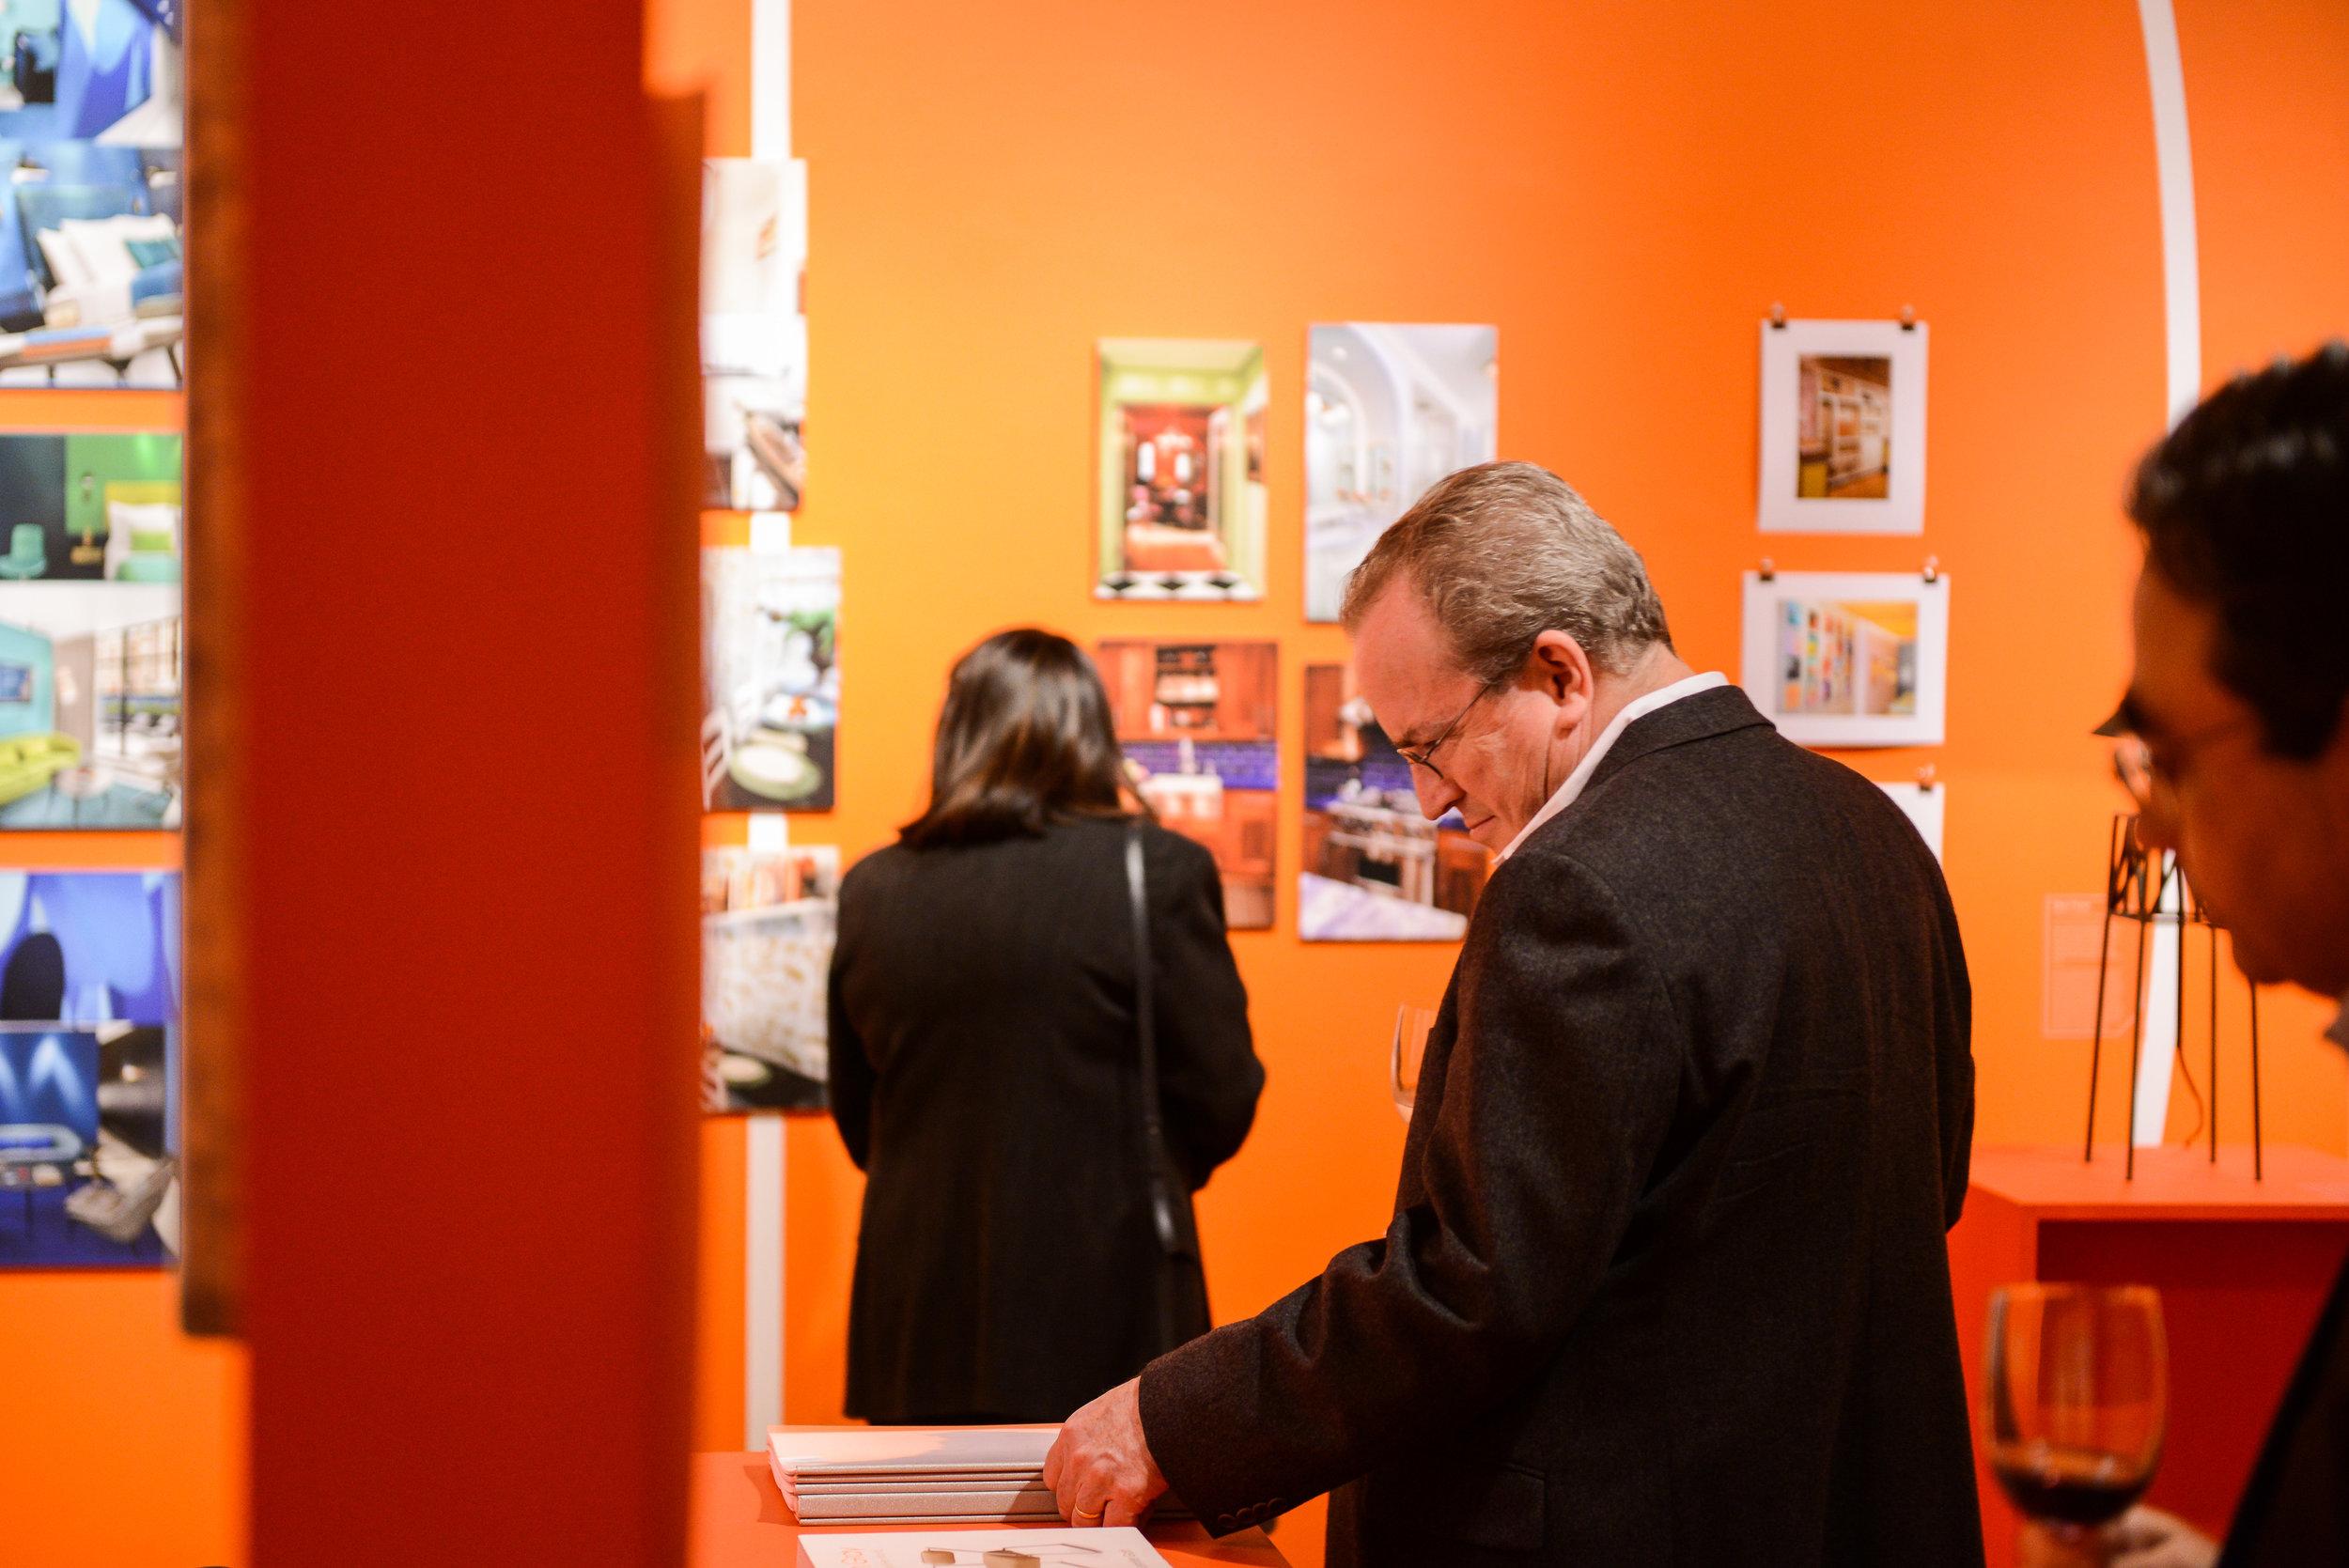 creative-scholarship-a-nysid-faculty-exhibition_36804087514_o[1].jpg